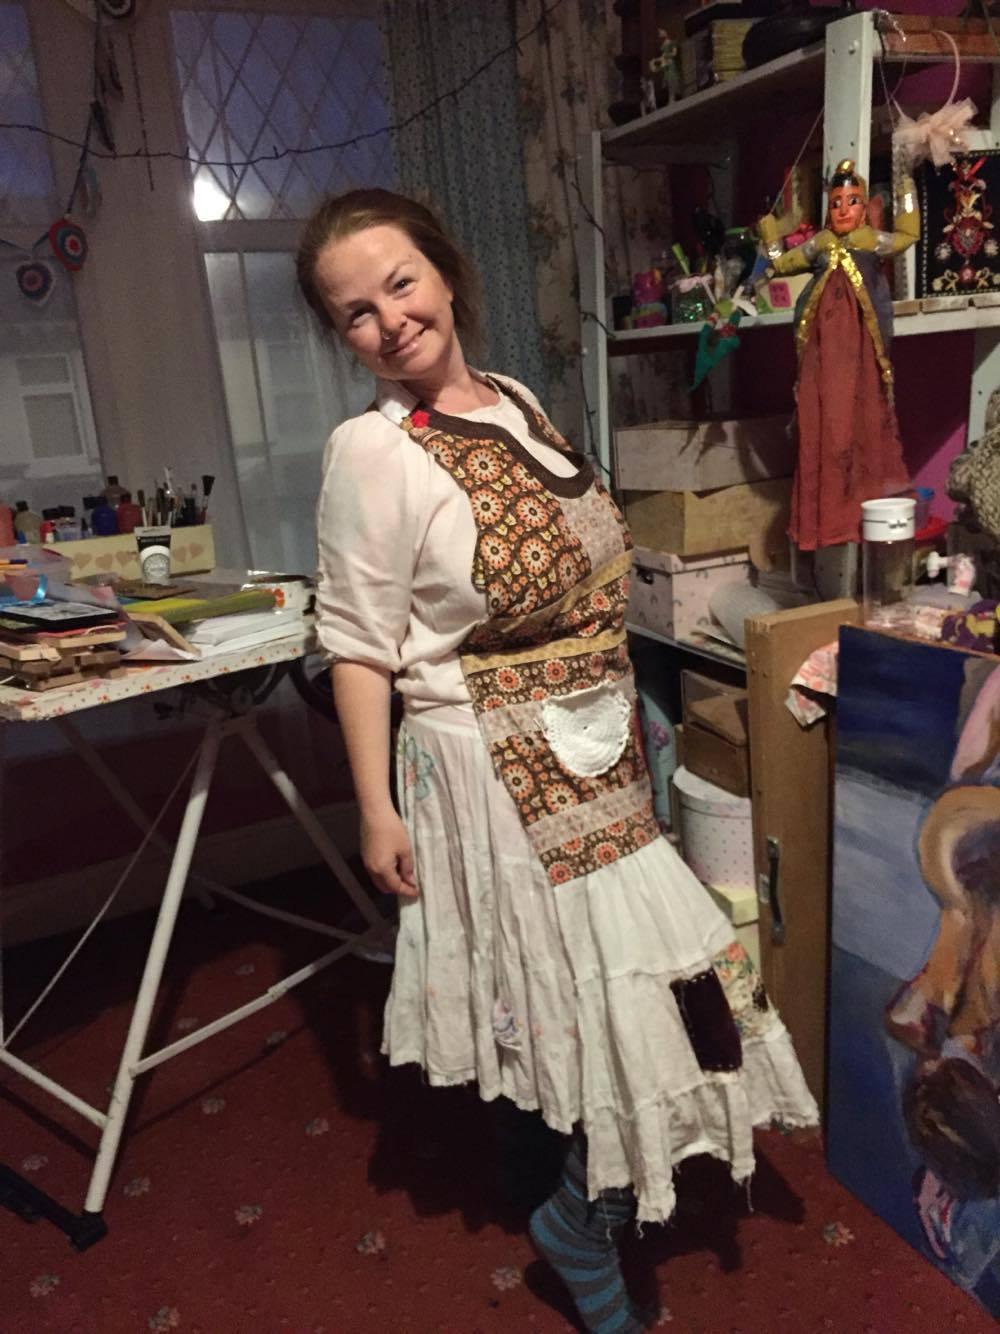 Every artist needs an apron ;)